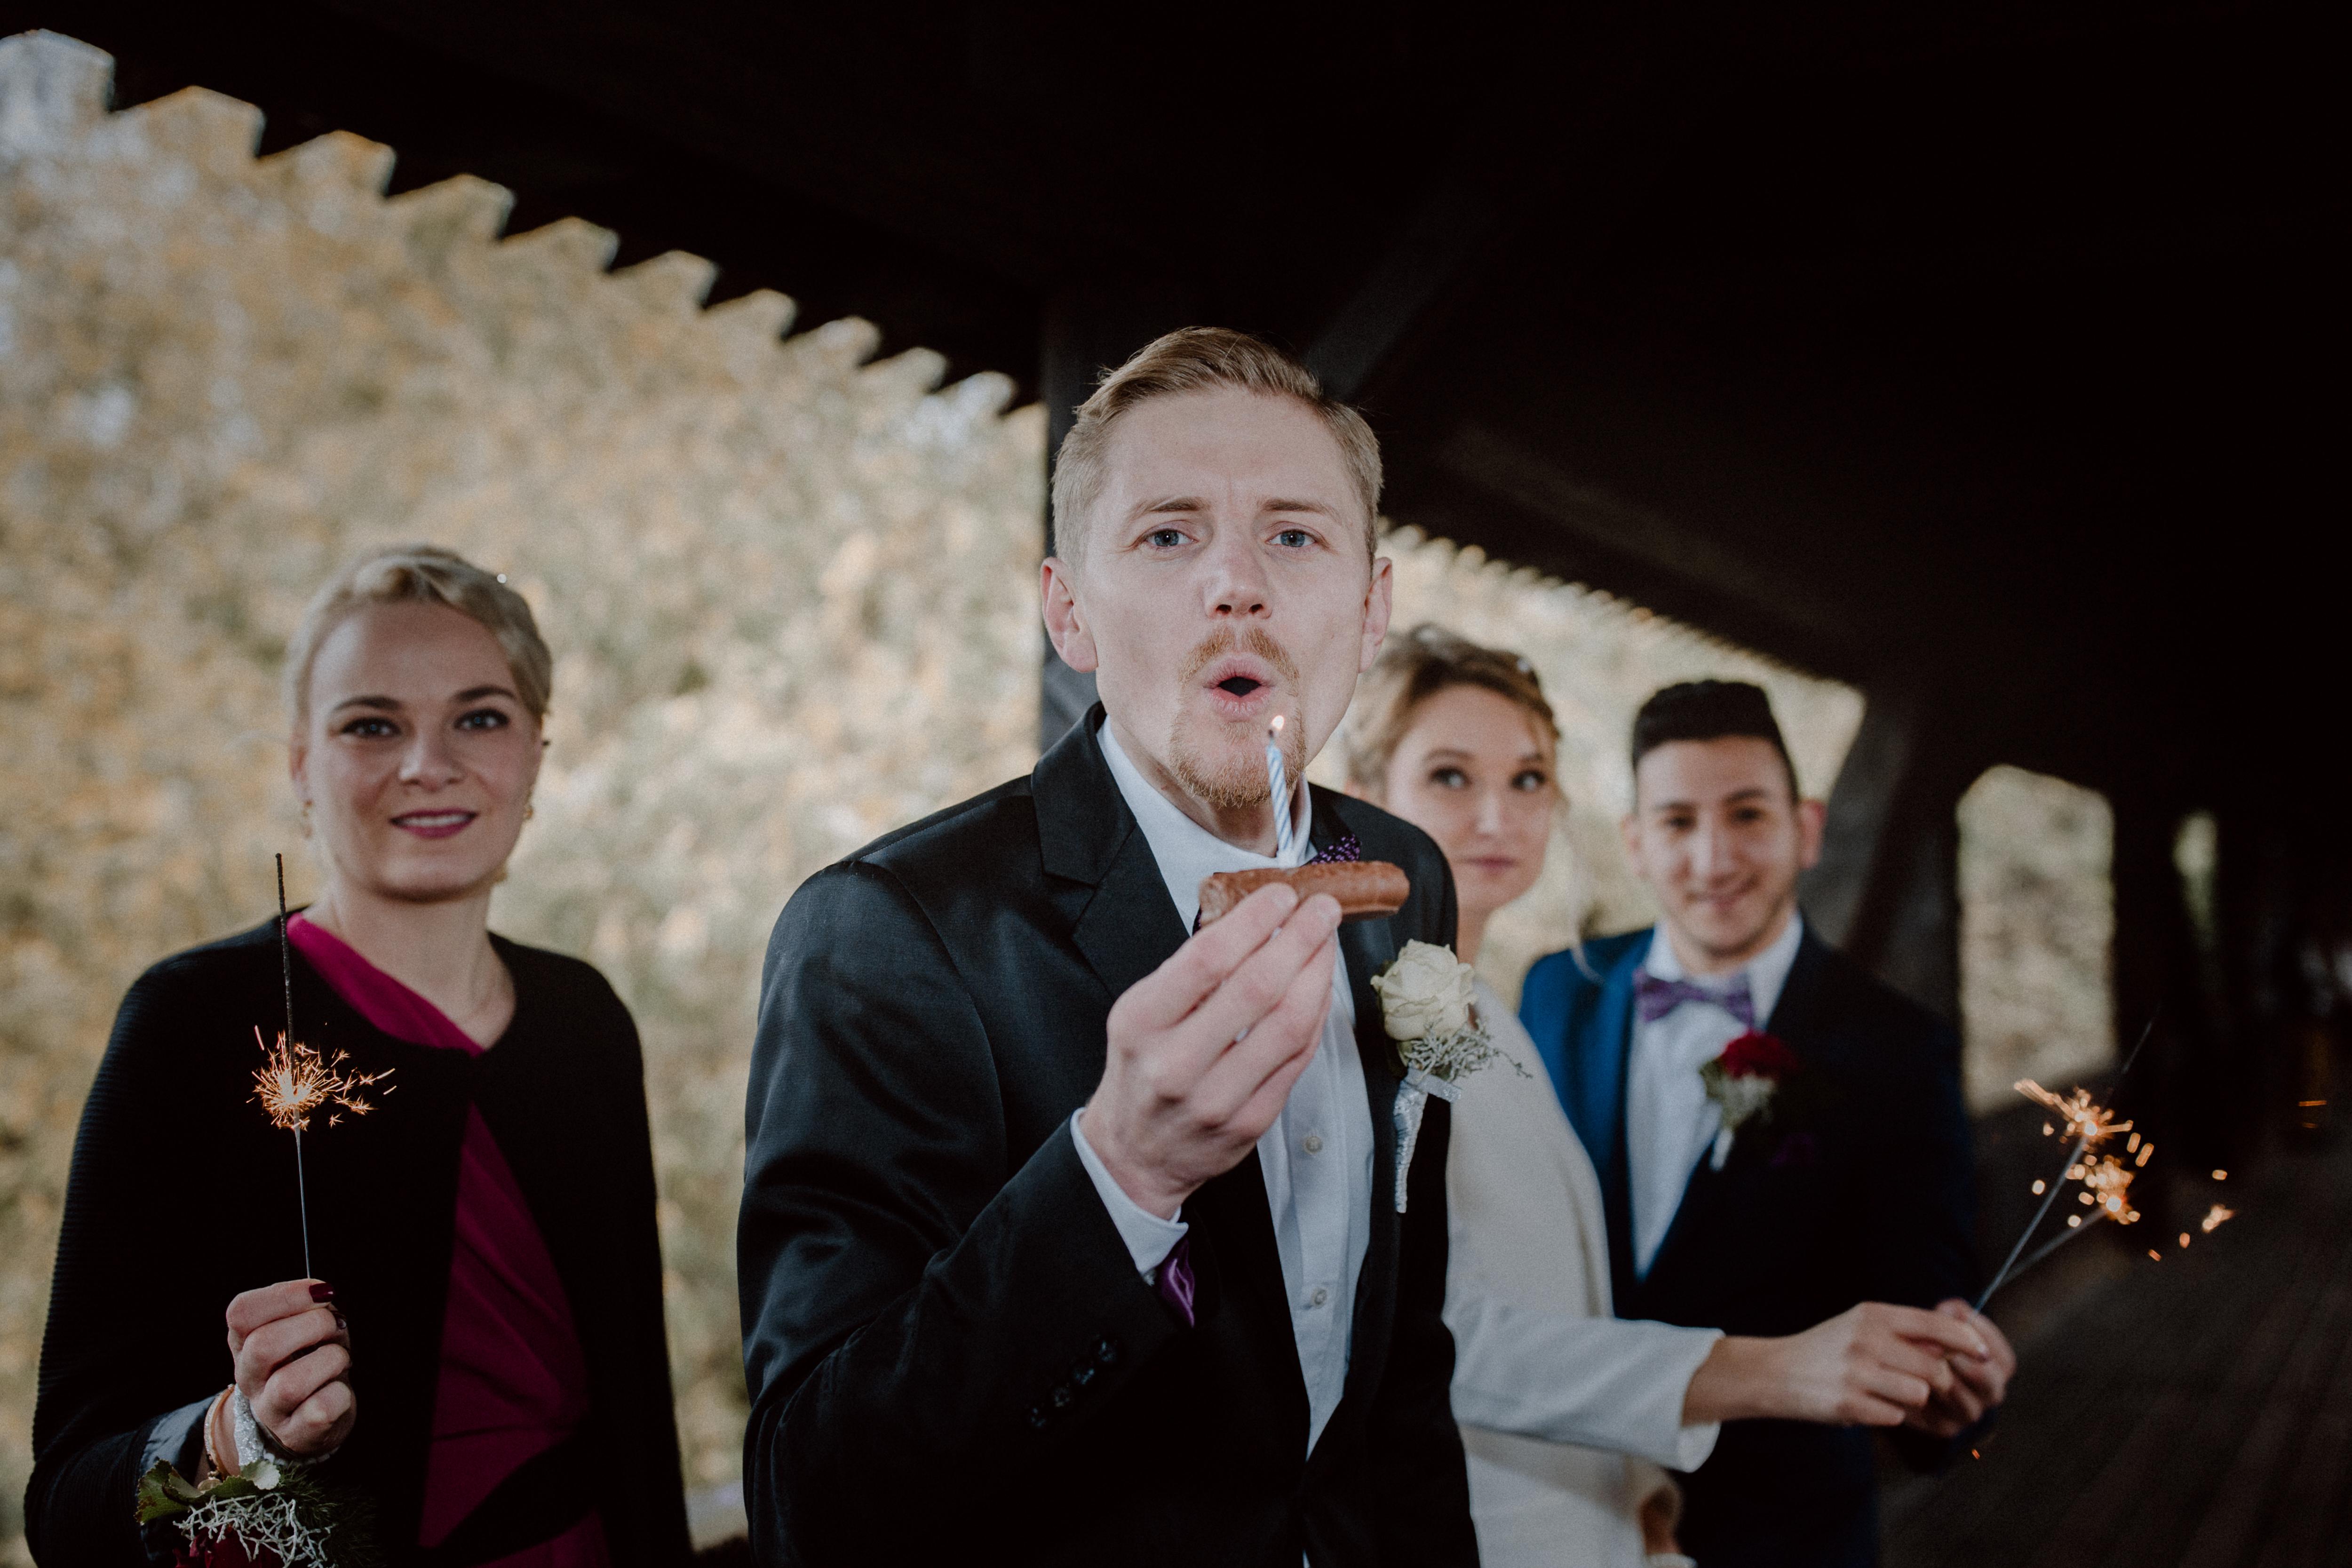 URBANERIE_Daniela_Goth_Hochzeitsfotografin_Nürnberg_Fürth_Erlangen_Schwabach_171110_0581